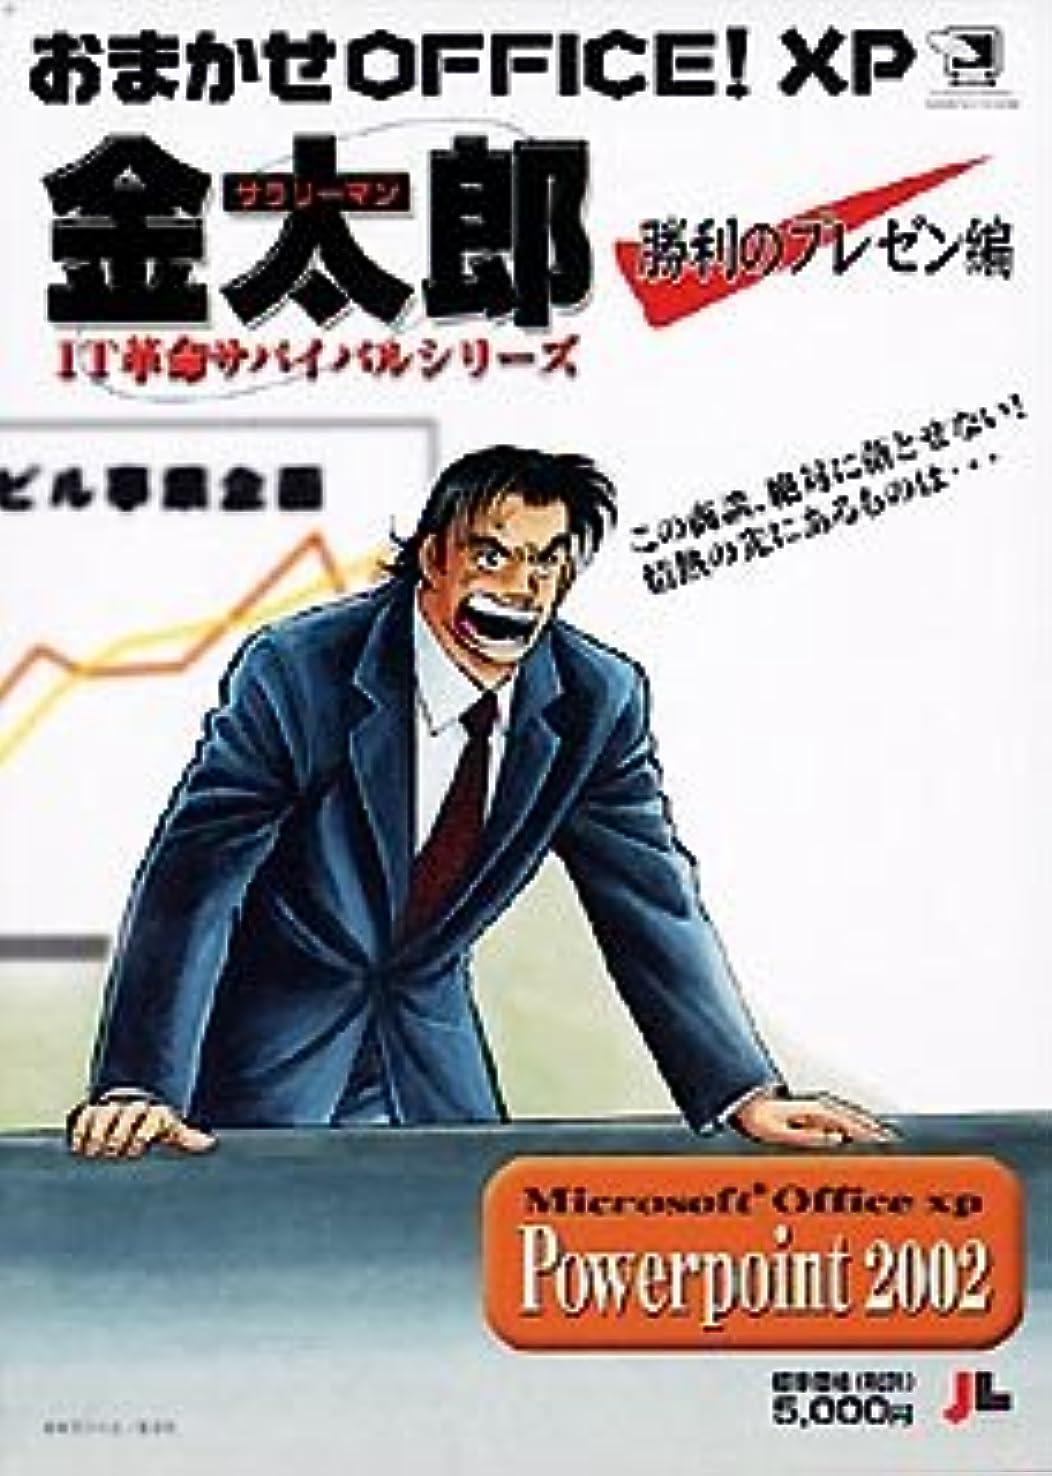 おまかせOffice! XP サラリーマン金太郎 PowerPoint 2002 勝利のプレゼン編